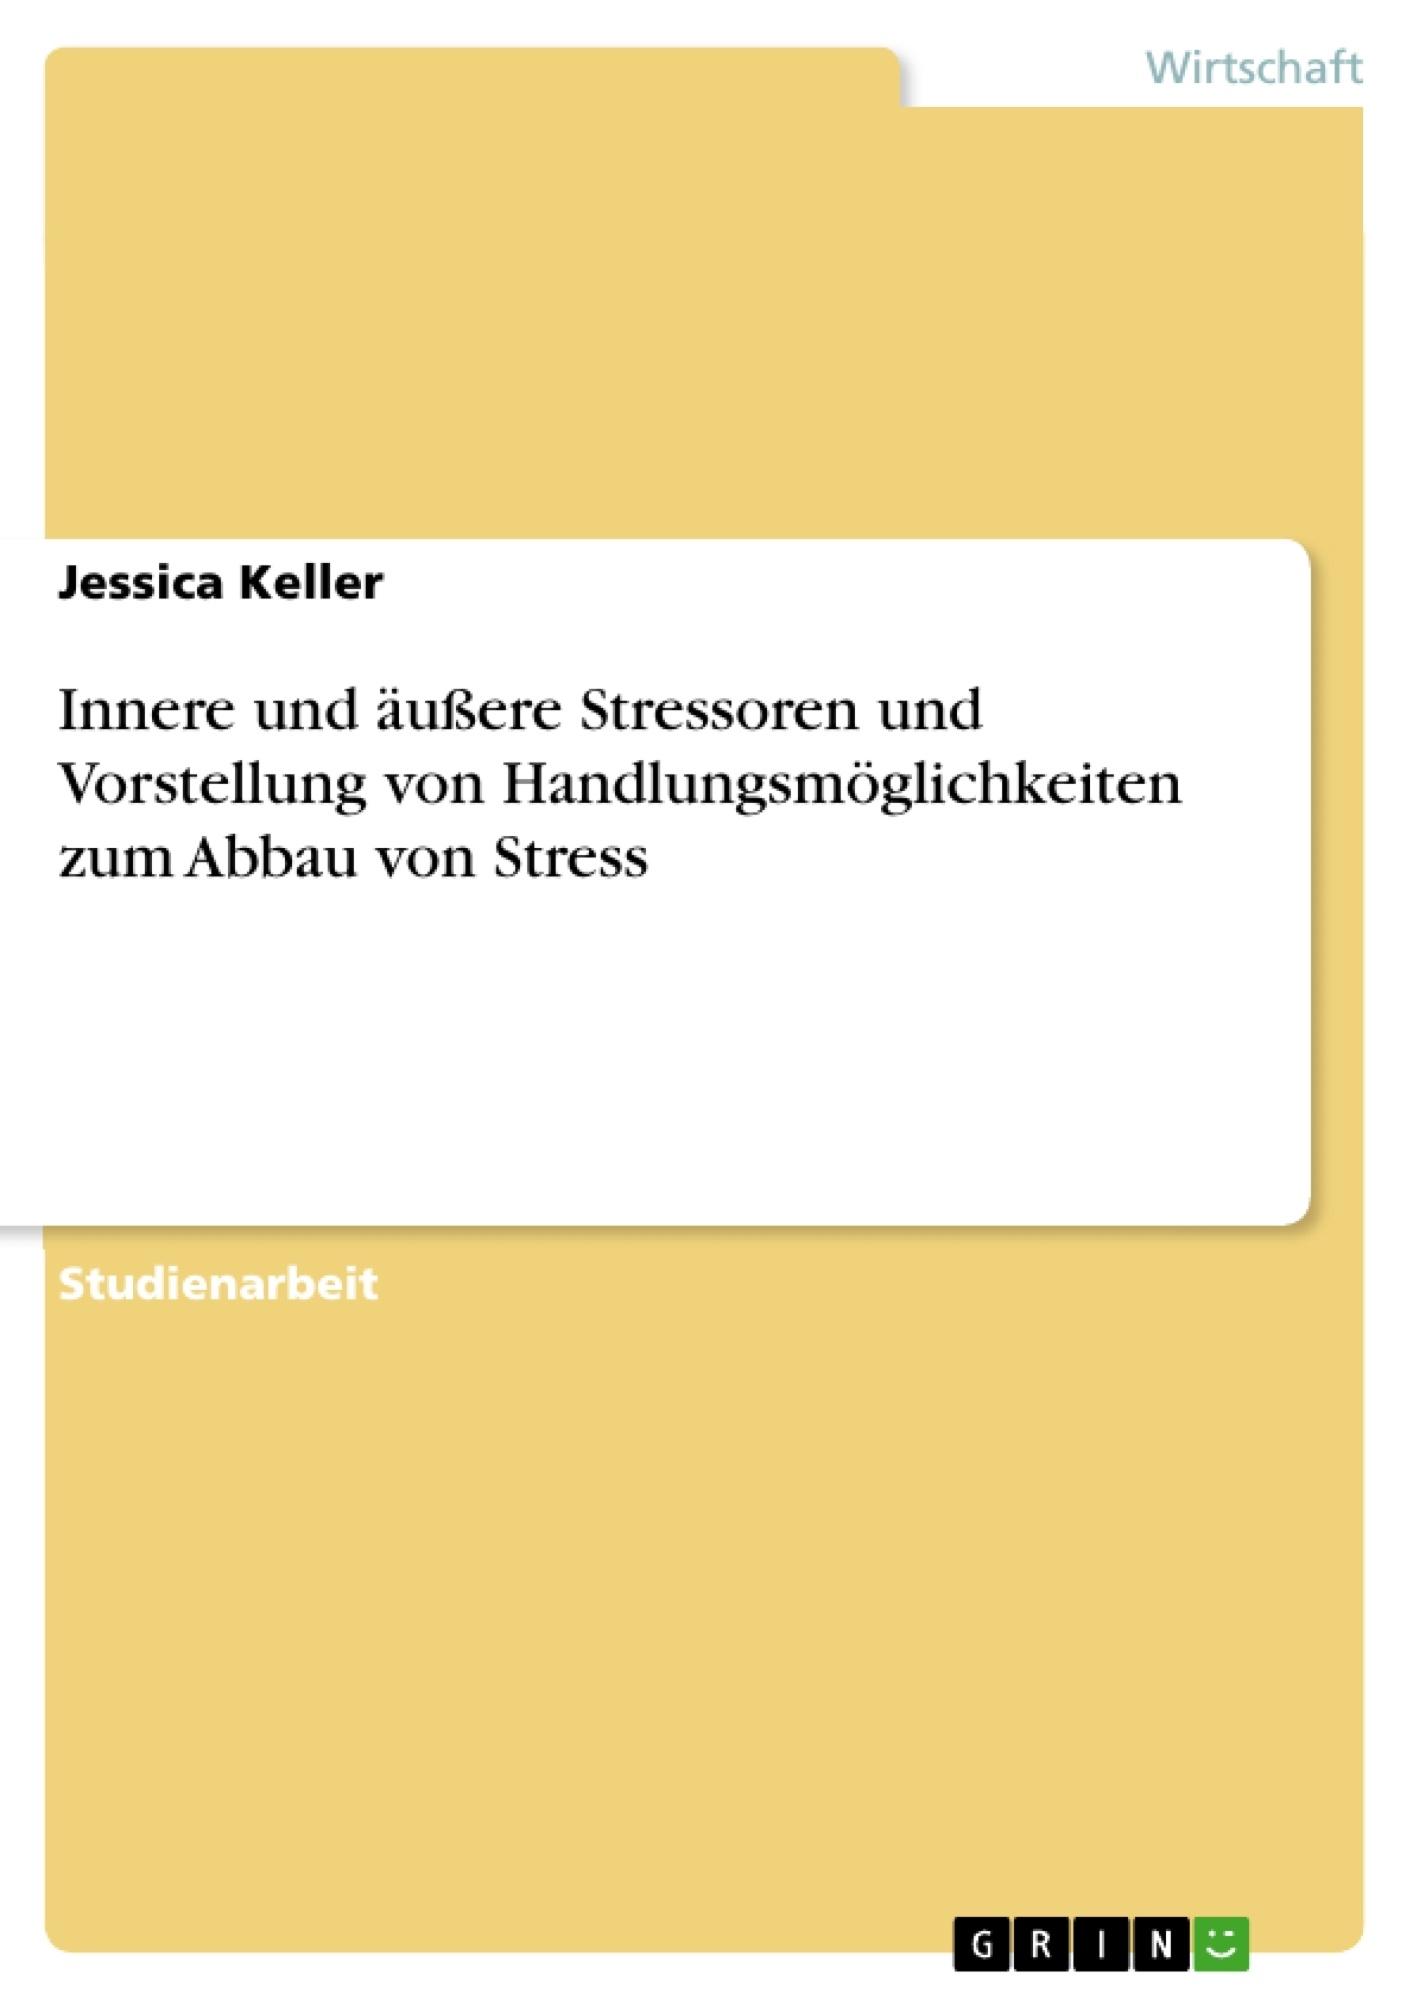 Titel: Innere und äußere Stressoren und Vorstellung von Handlungsmöglichkeiten zum Abbau von Stress